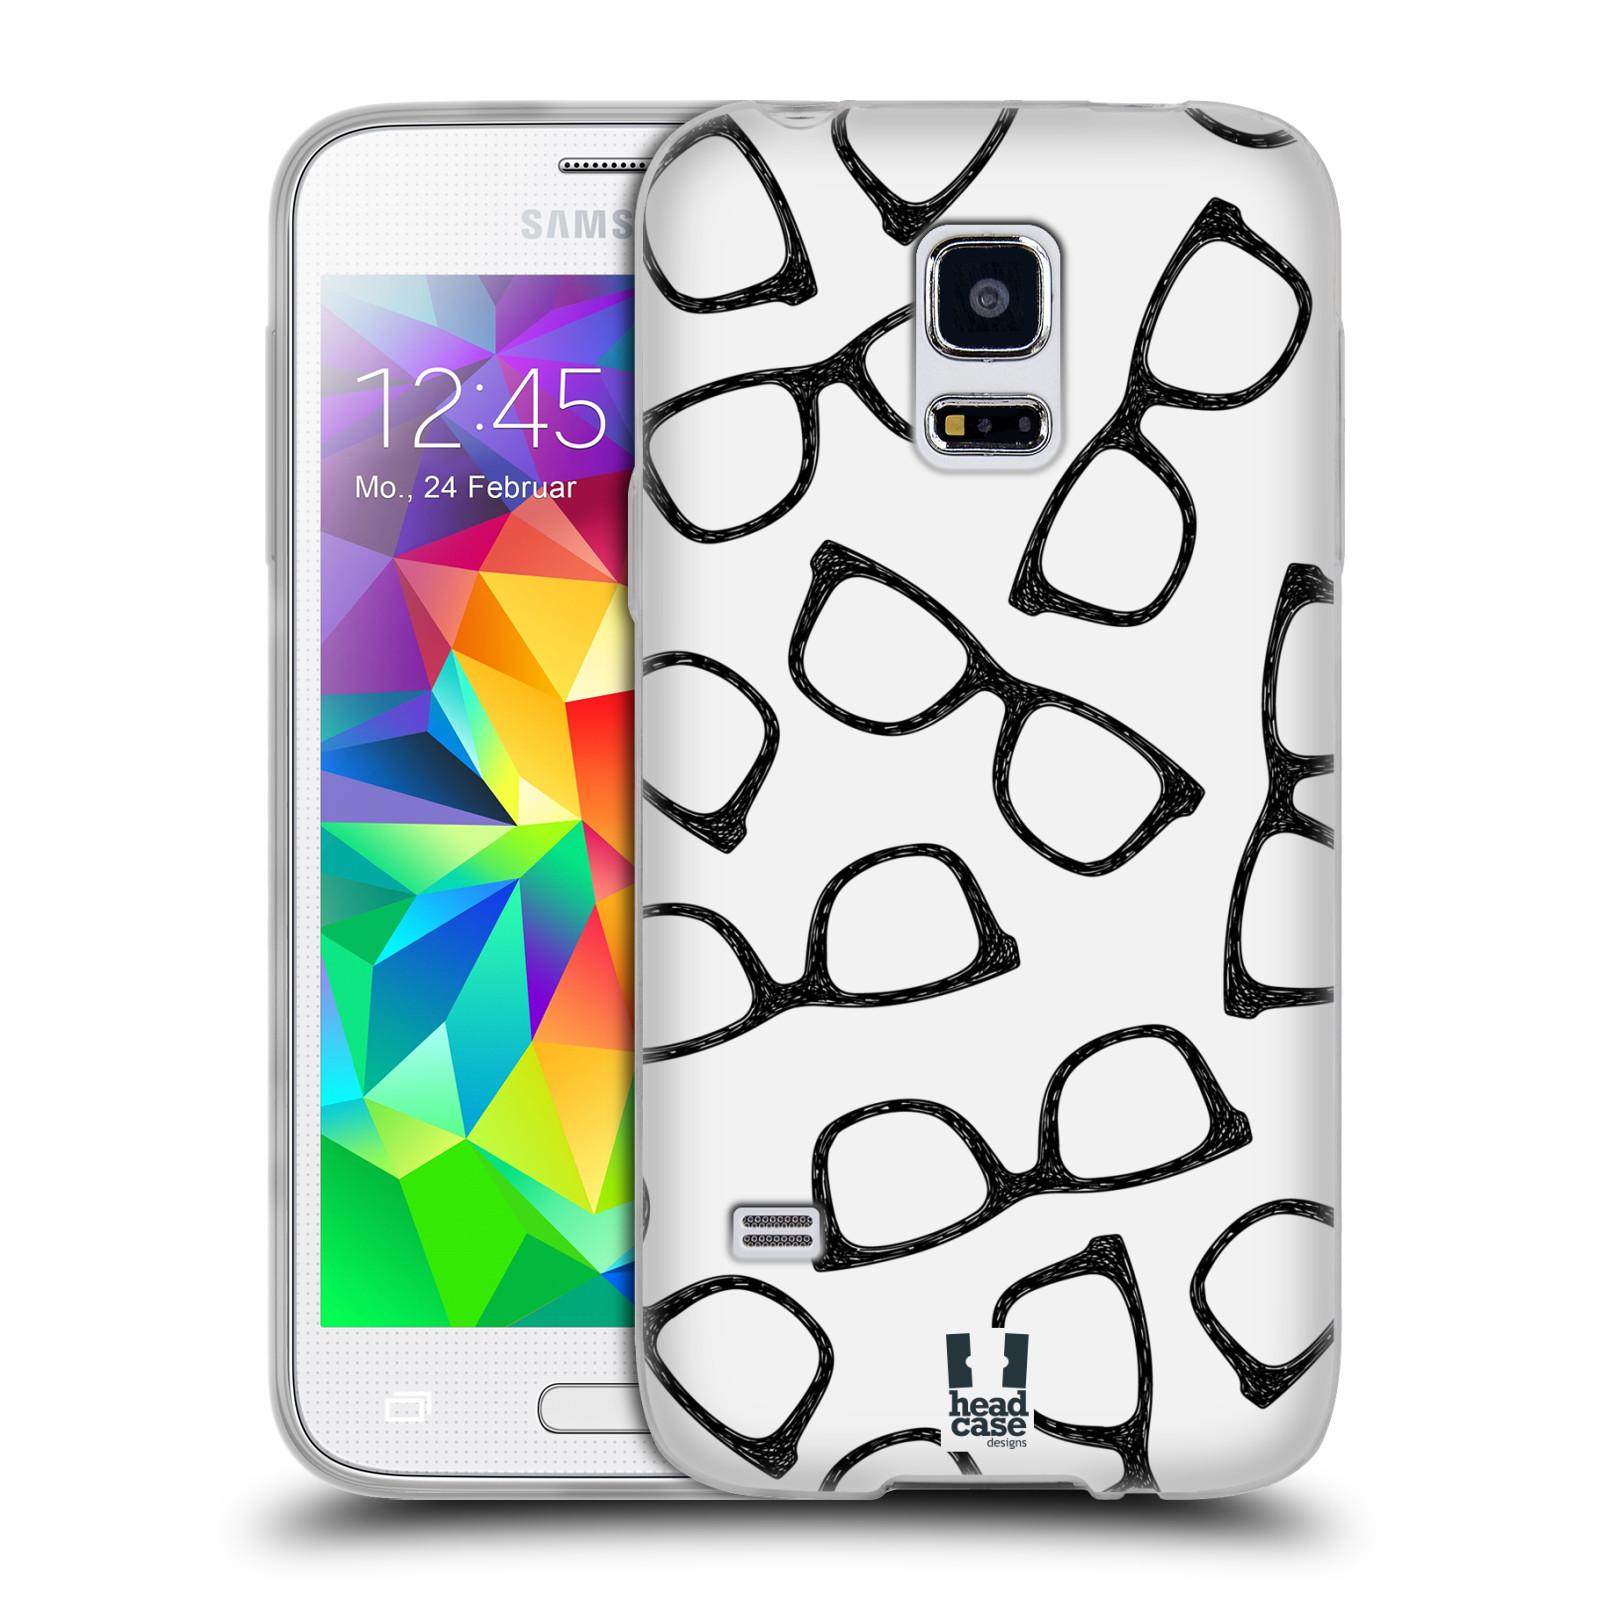 Silikonové pouzdro na mobil Samsung Galaxy S5 Mini HEAD CASE HIPSTER BRÝLE (Silikonový kryt či obal na mobilní telefon Samsung Galaxy S5 Mini SM-G800F)